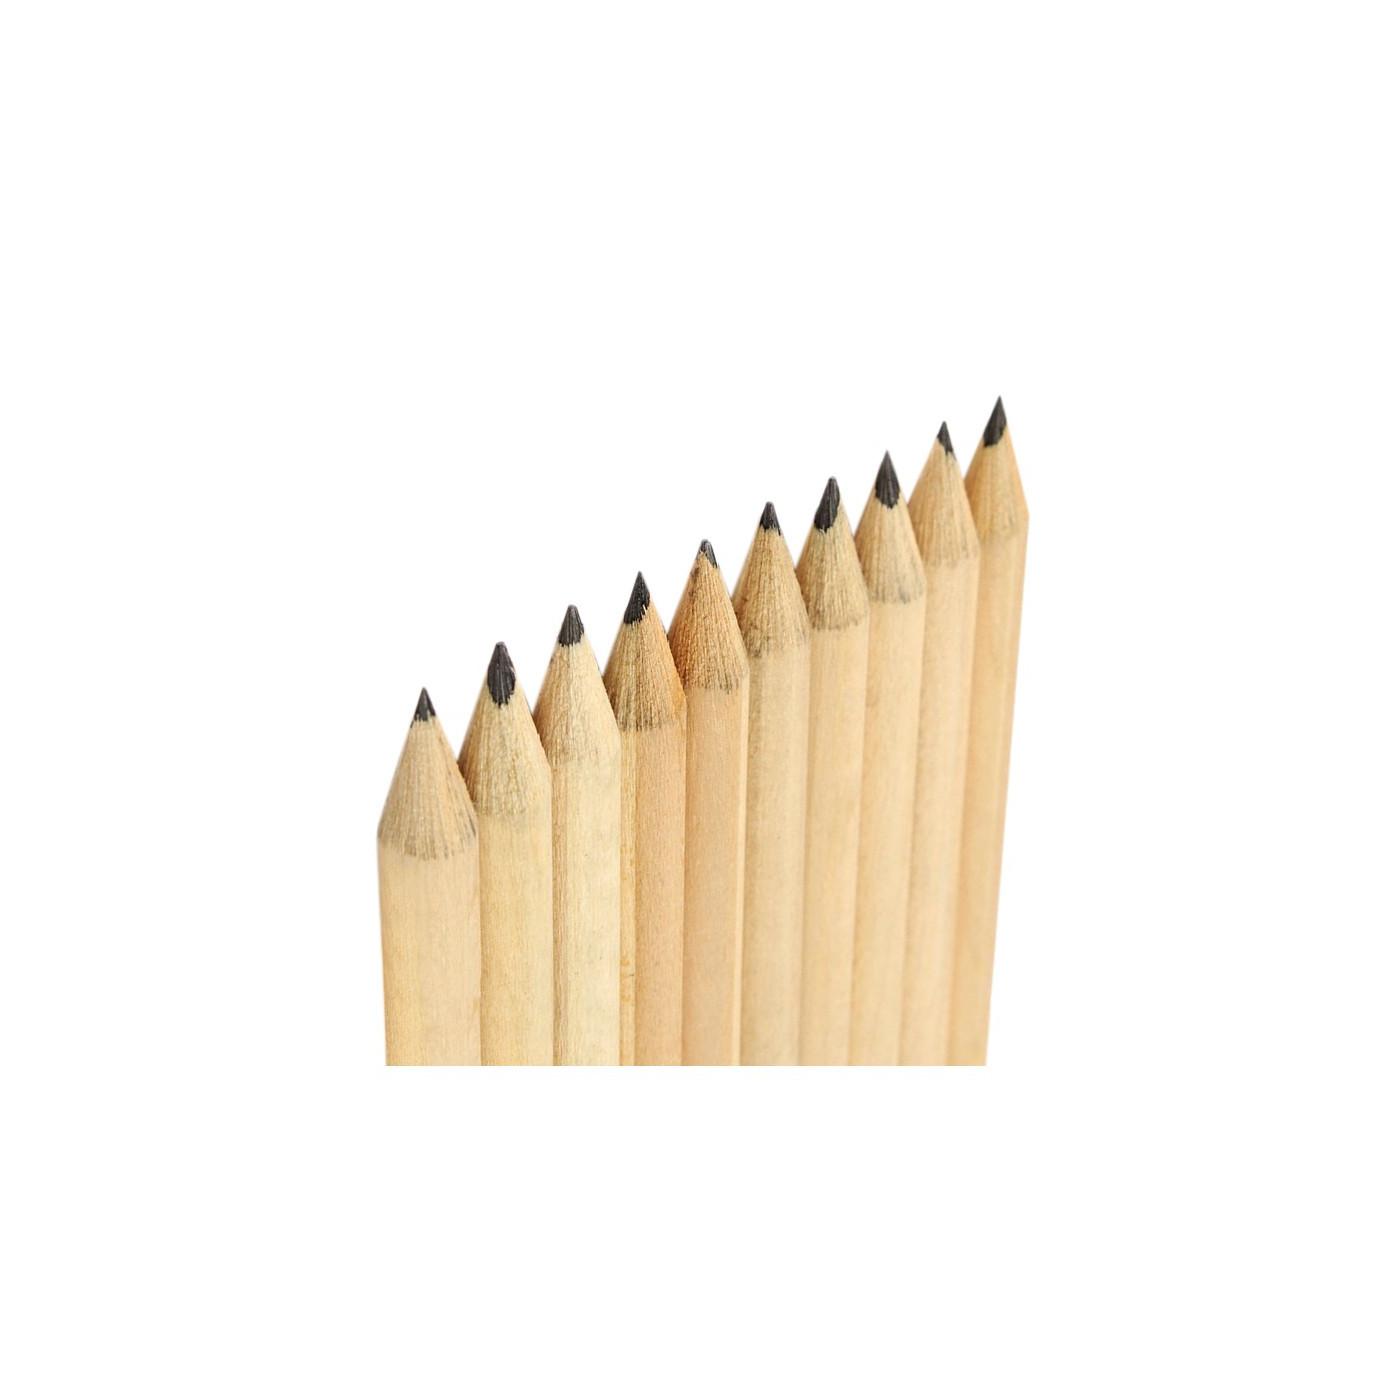 Lot de 120 mini crayons (type 3: 10 cm, avec gomme)  - 1